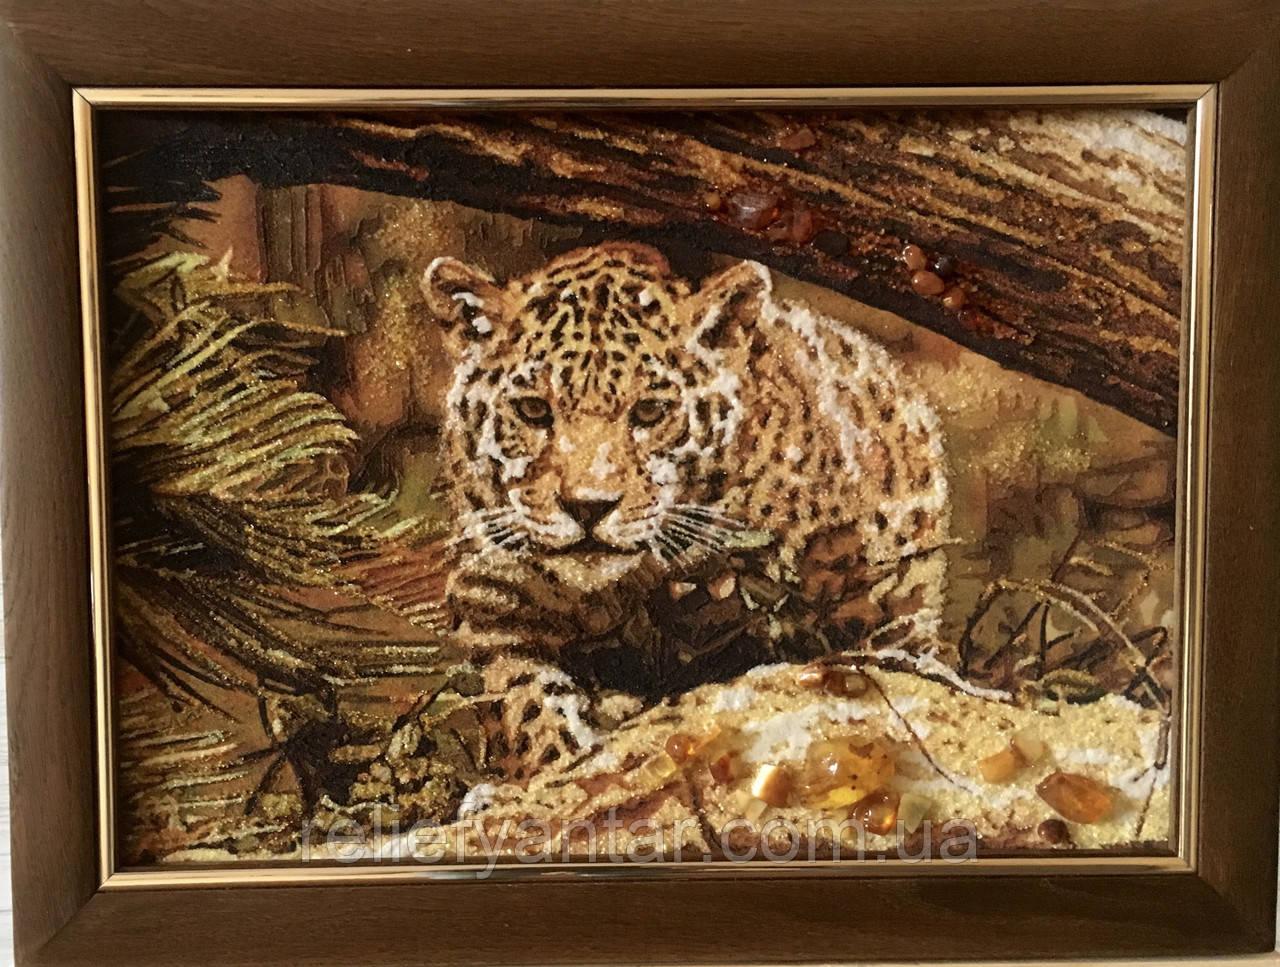 """Картина из янтаря """"Леопард на охоте """", Картина з бурштина """"  Леопард на полюванні """" 30x40 см"""